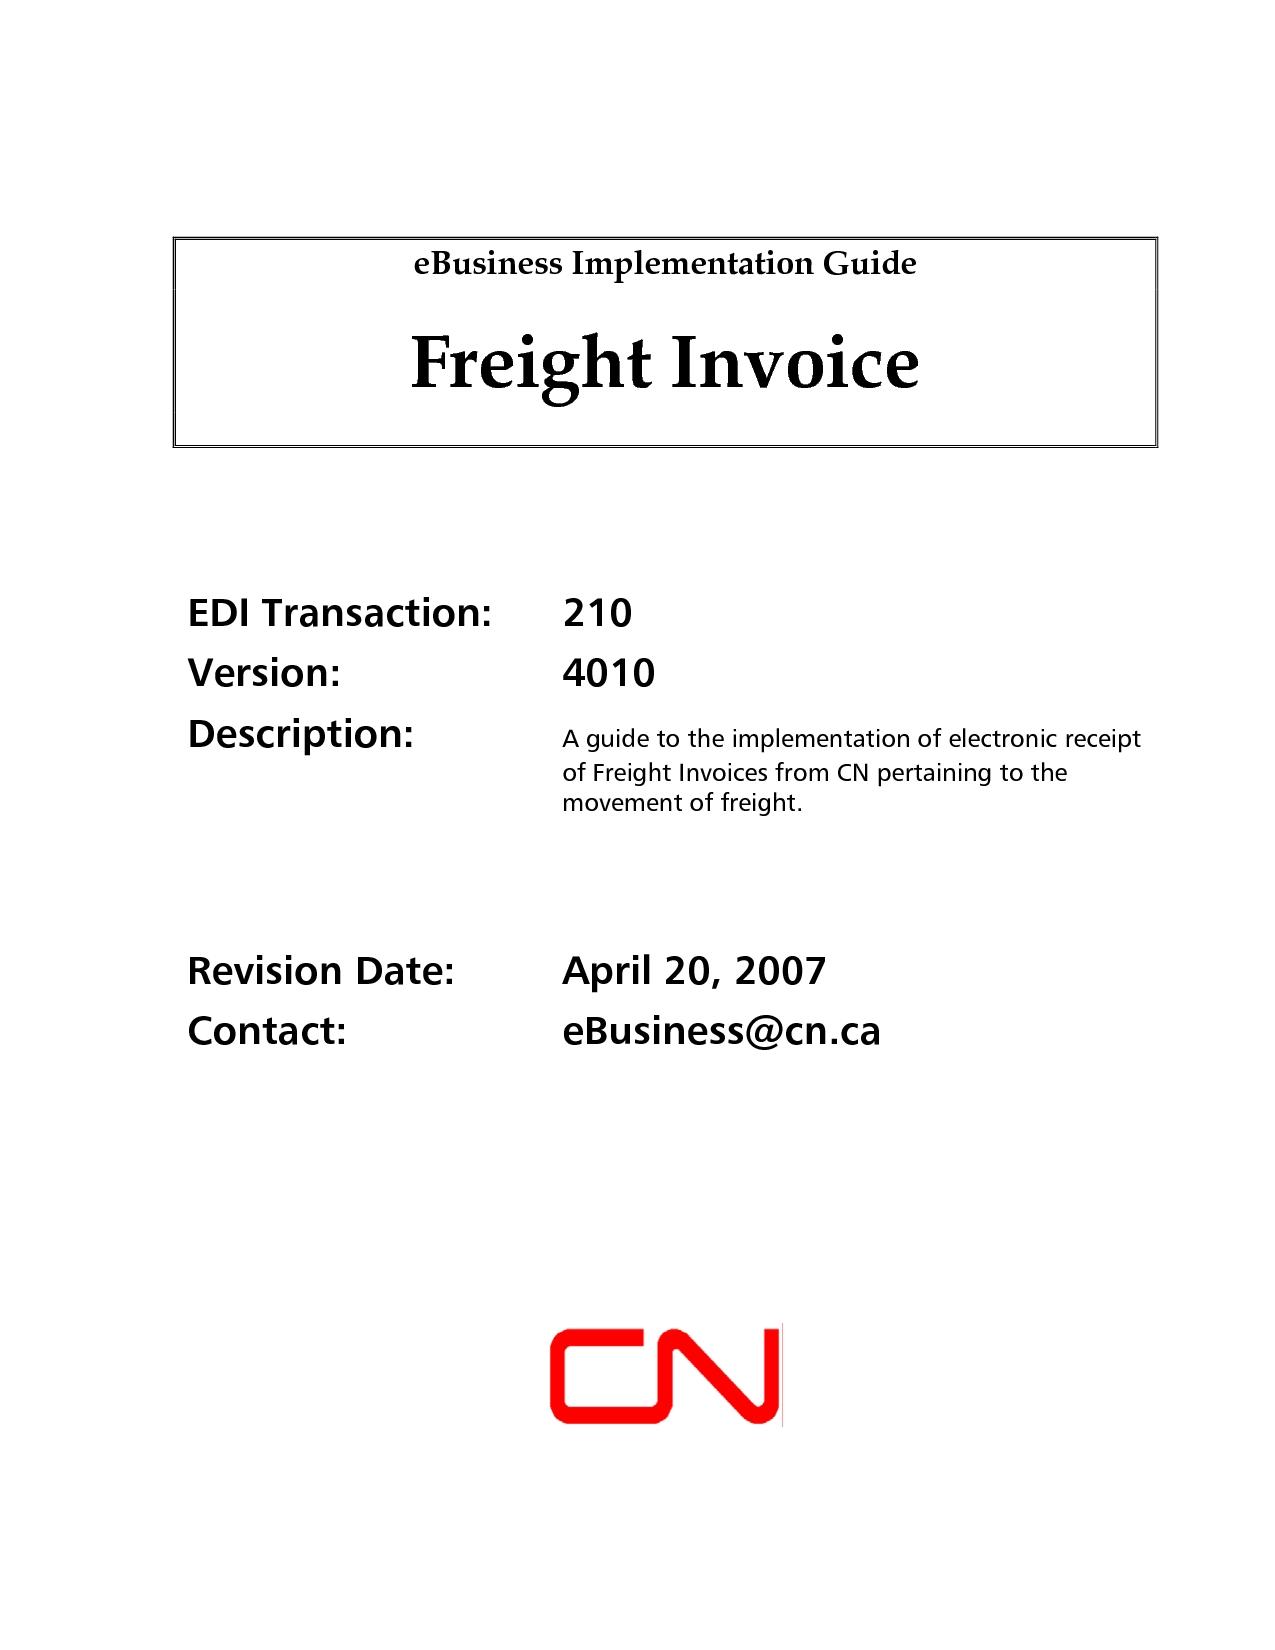 edi 810 invoice edi invoicing 1275 X 1650